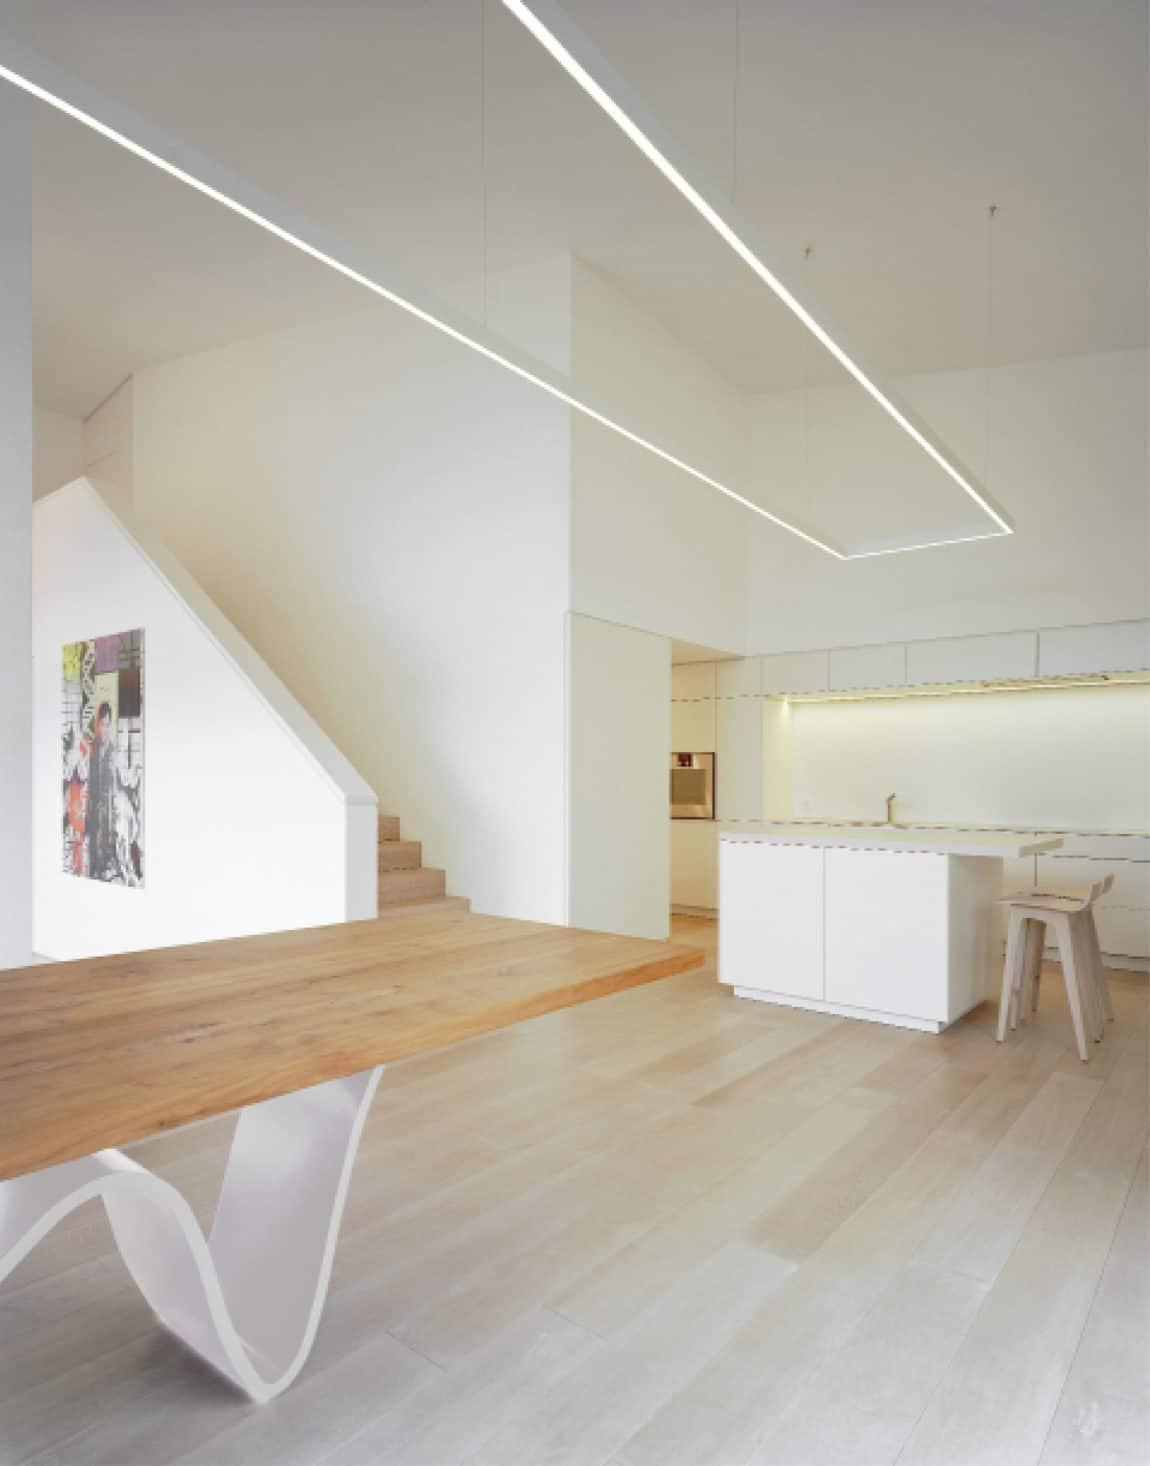 S3 Cityvilla by Steimle Architekten (15)